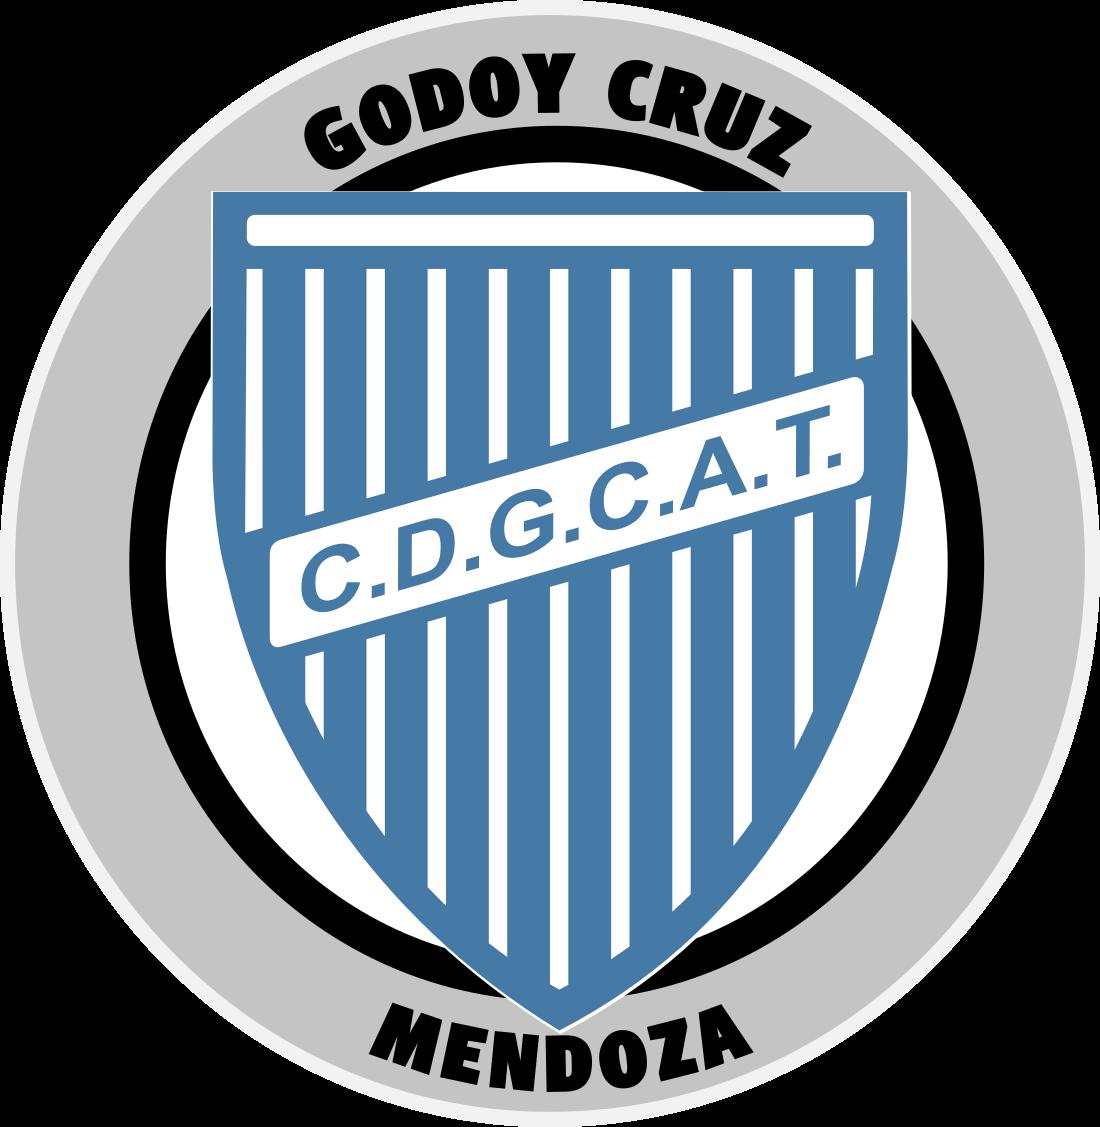 godoy cruz logo escudo 3 - Godoy Cruz Logo